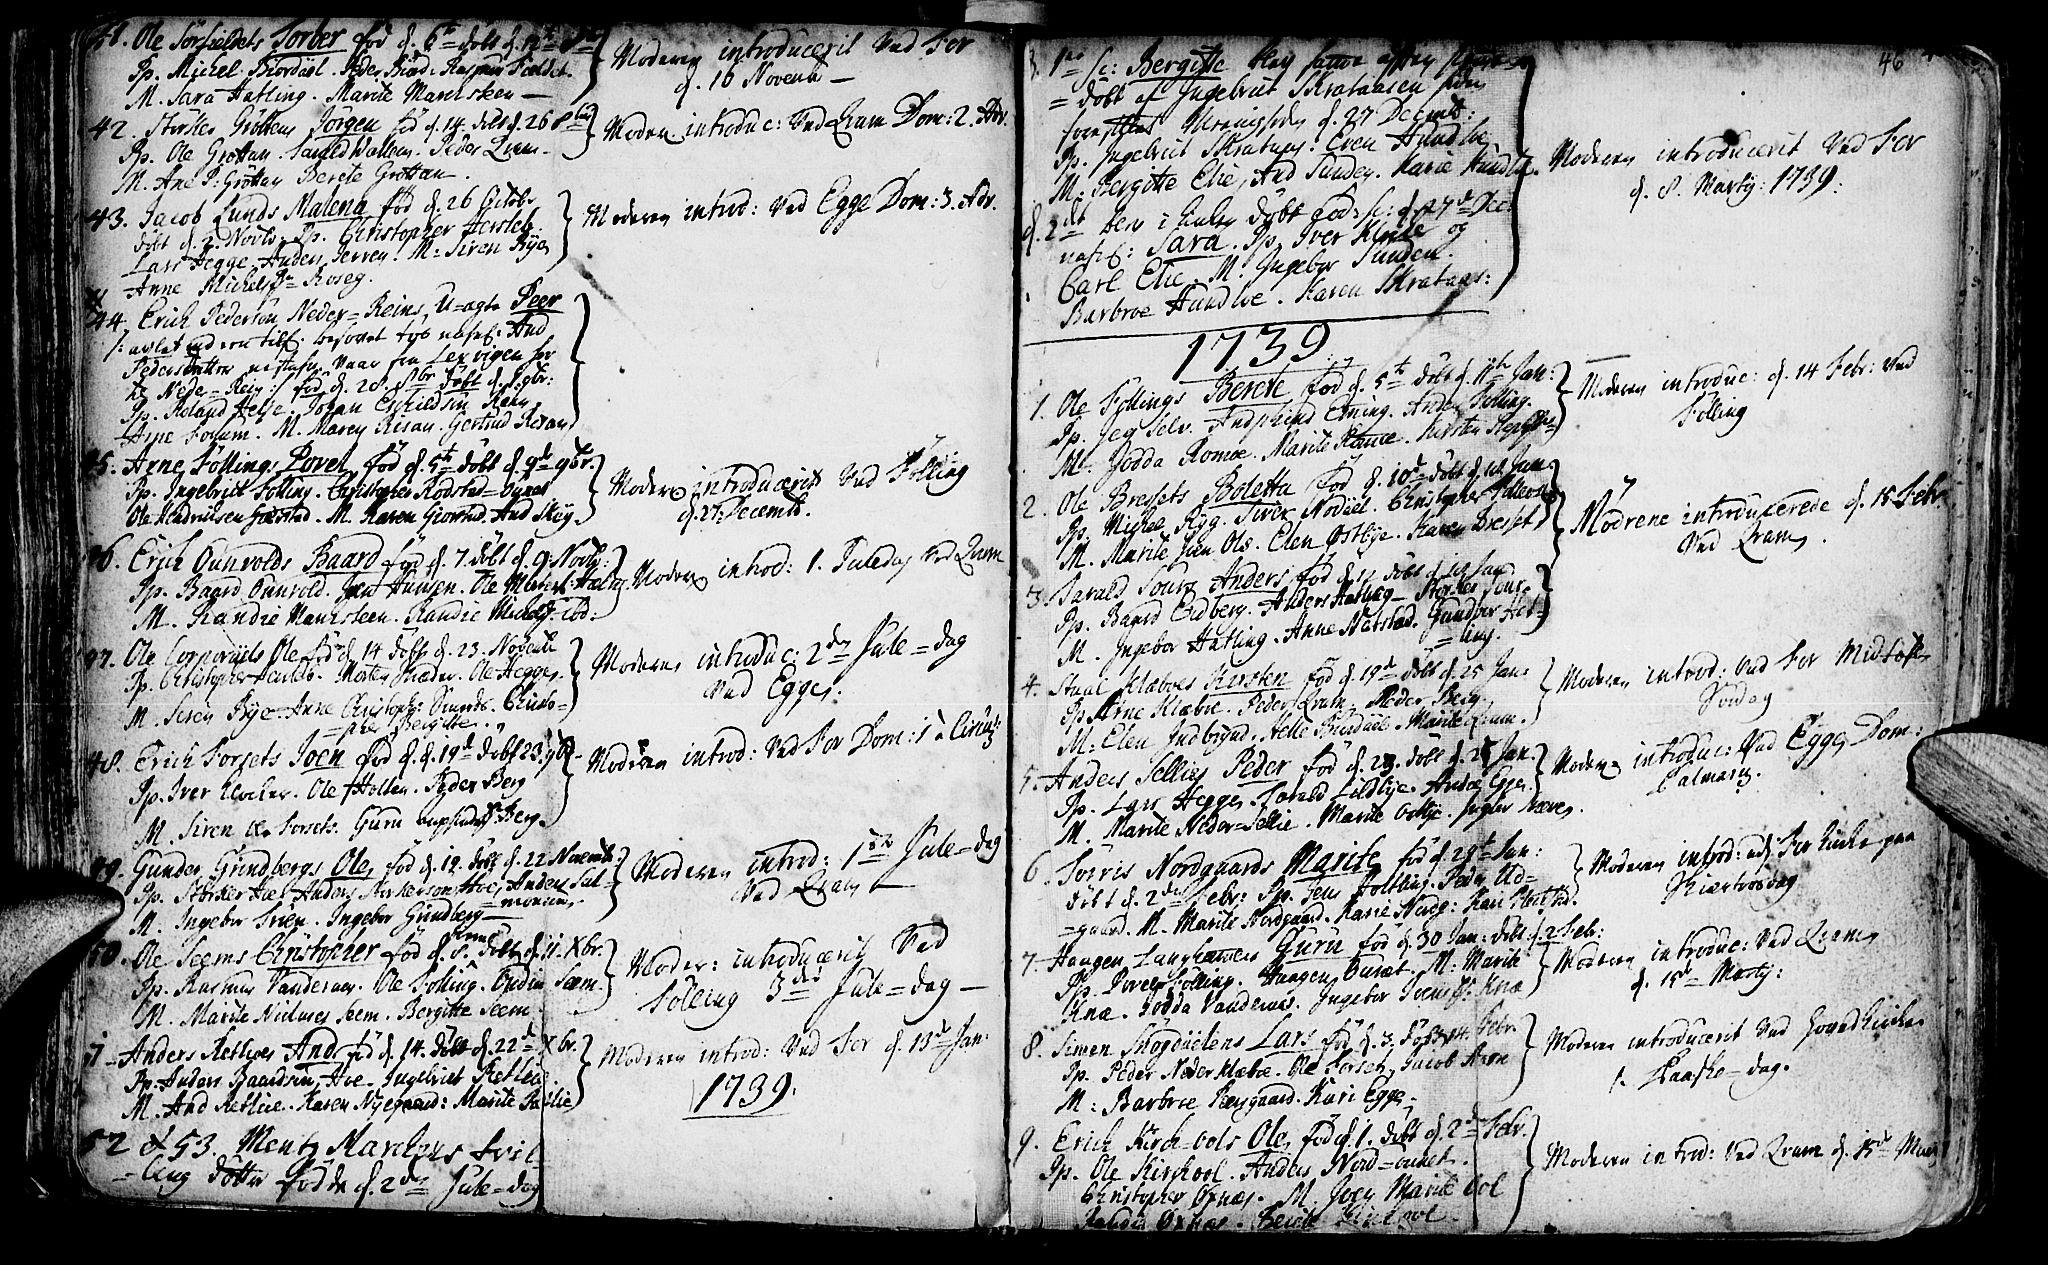 SAT, Ministerialprotokoller, klokkerbøker og fødselsregistre - Nord-Trøndelag, 746/L0439: Ministerialbok nr. 746A01, 1688-1759, s. 46